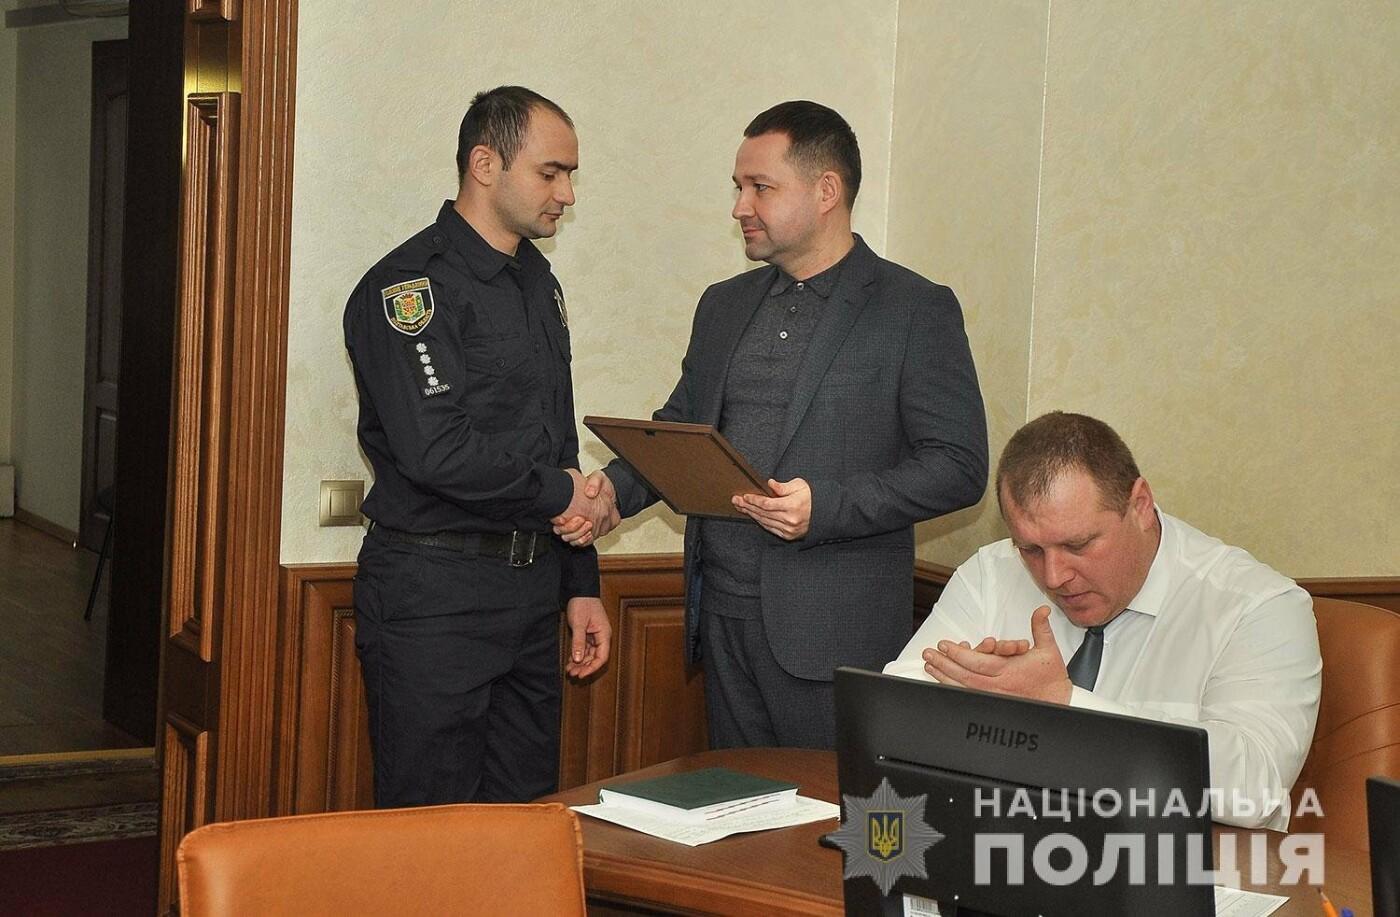 У Полтаві нагородили поліцейських, які оперативно розкрили вбивство немовляти, фото-2